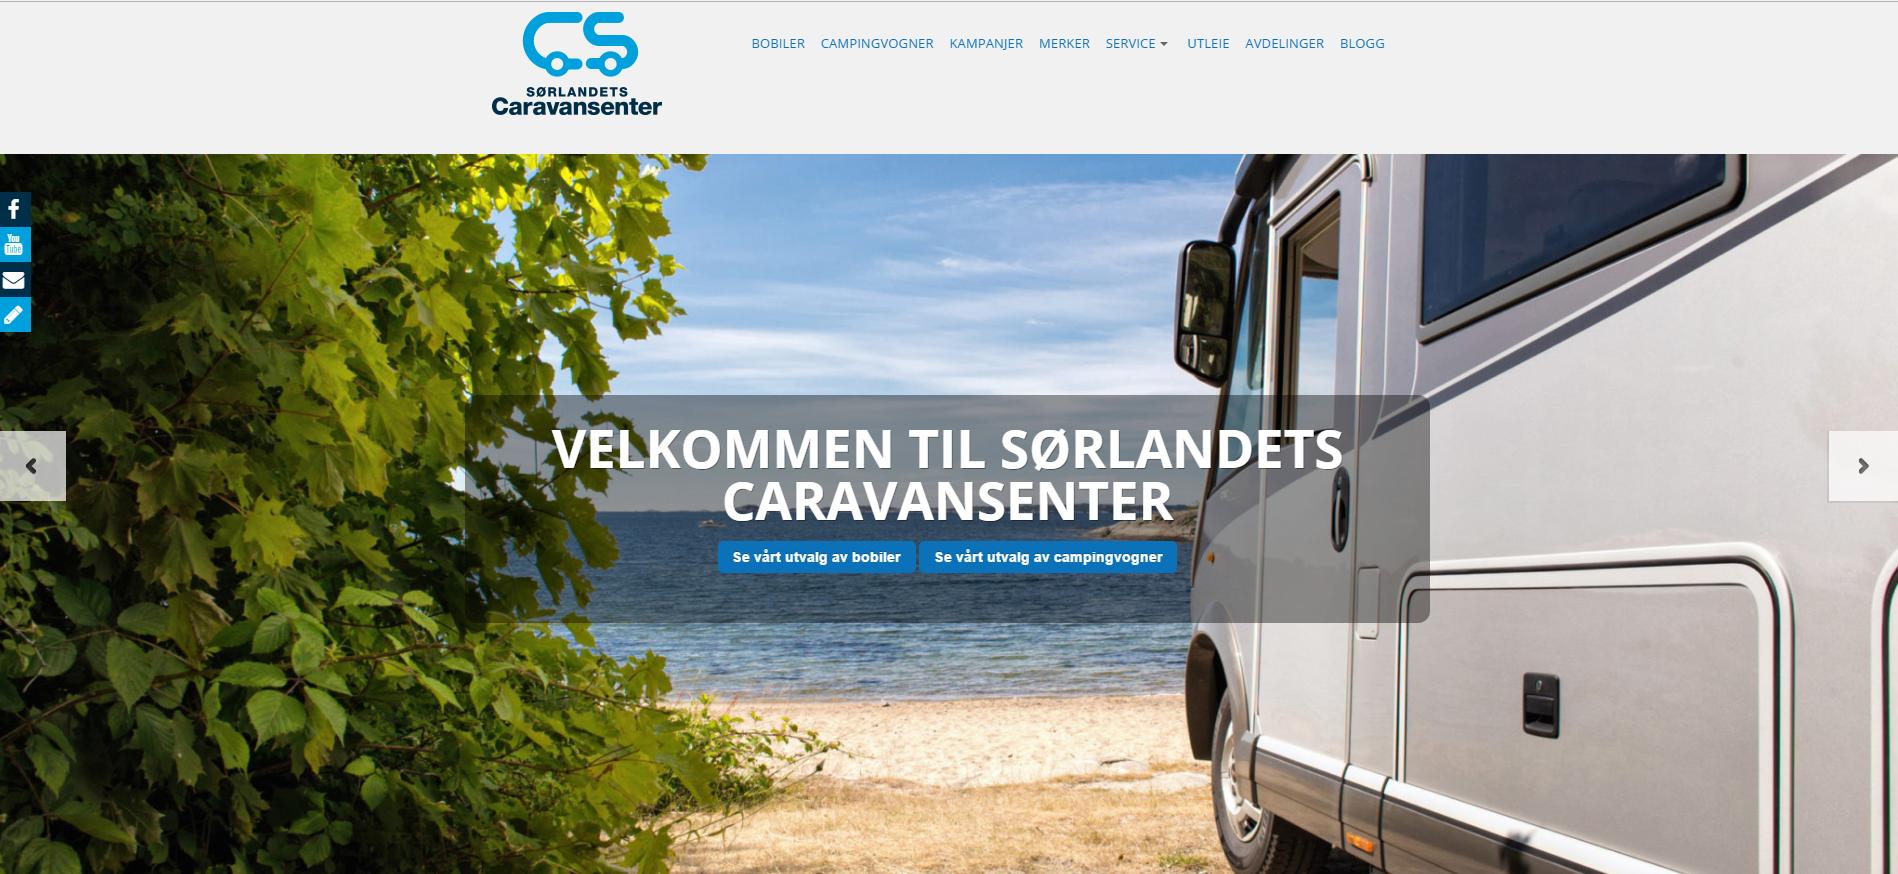 Skorpen og Myren Bil er nå endel av Sørlandets Caravansenter